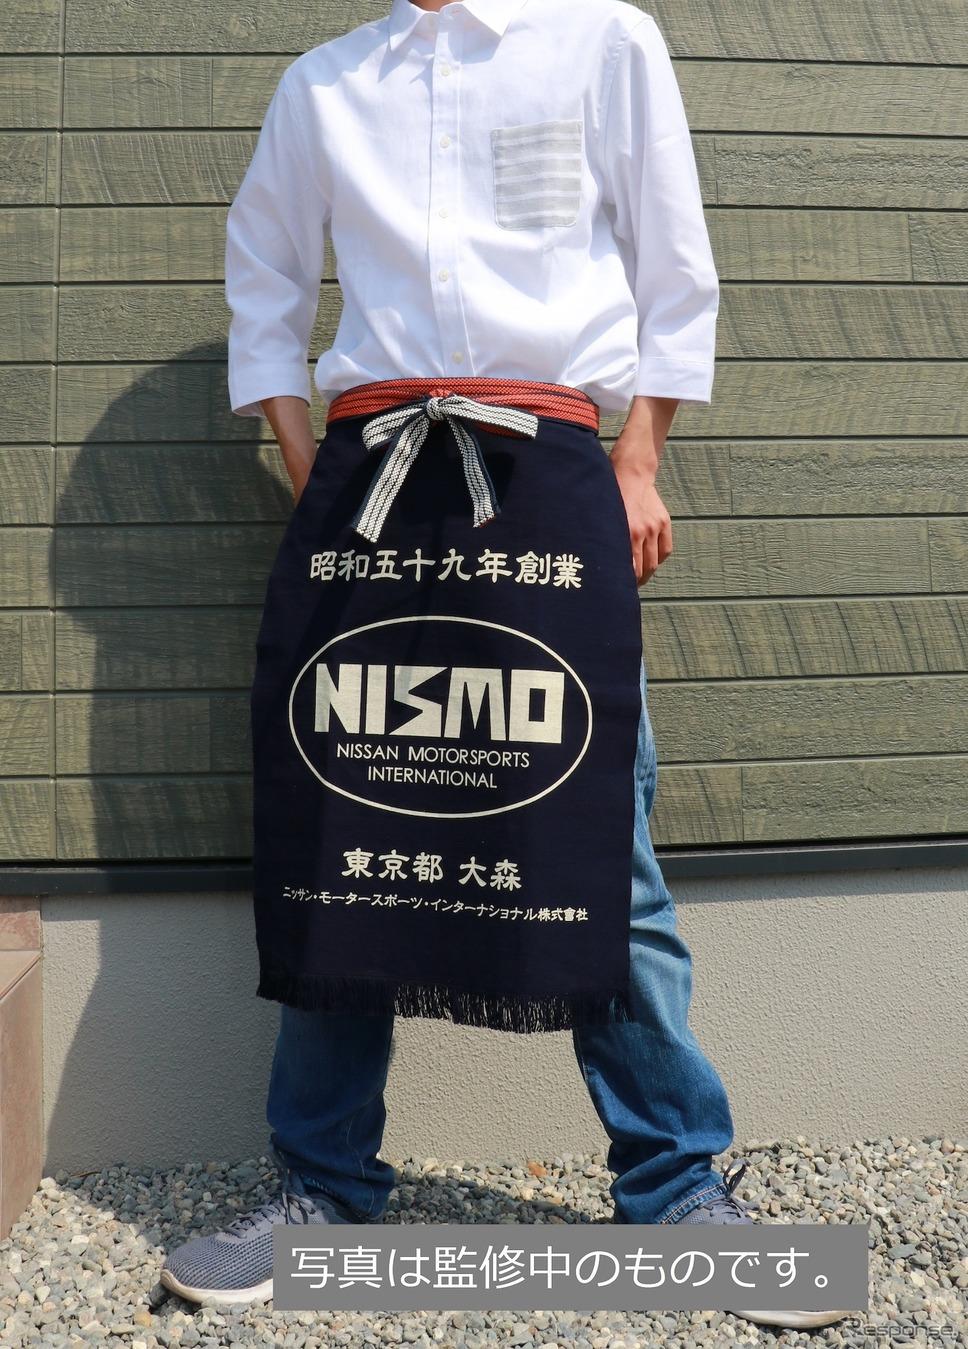 初代「NISMOロゴ」前掛け登場…アウトドアブームでオールドアイテムに新たな需要